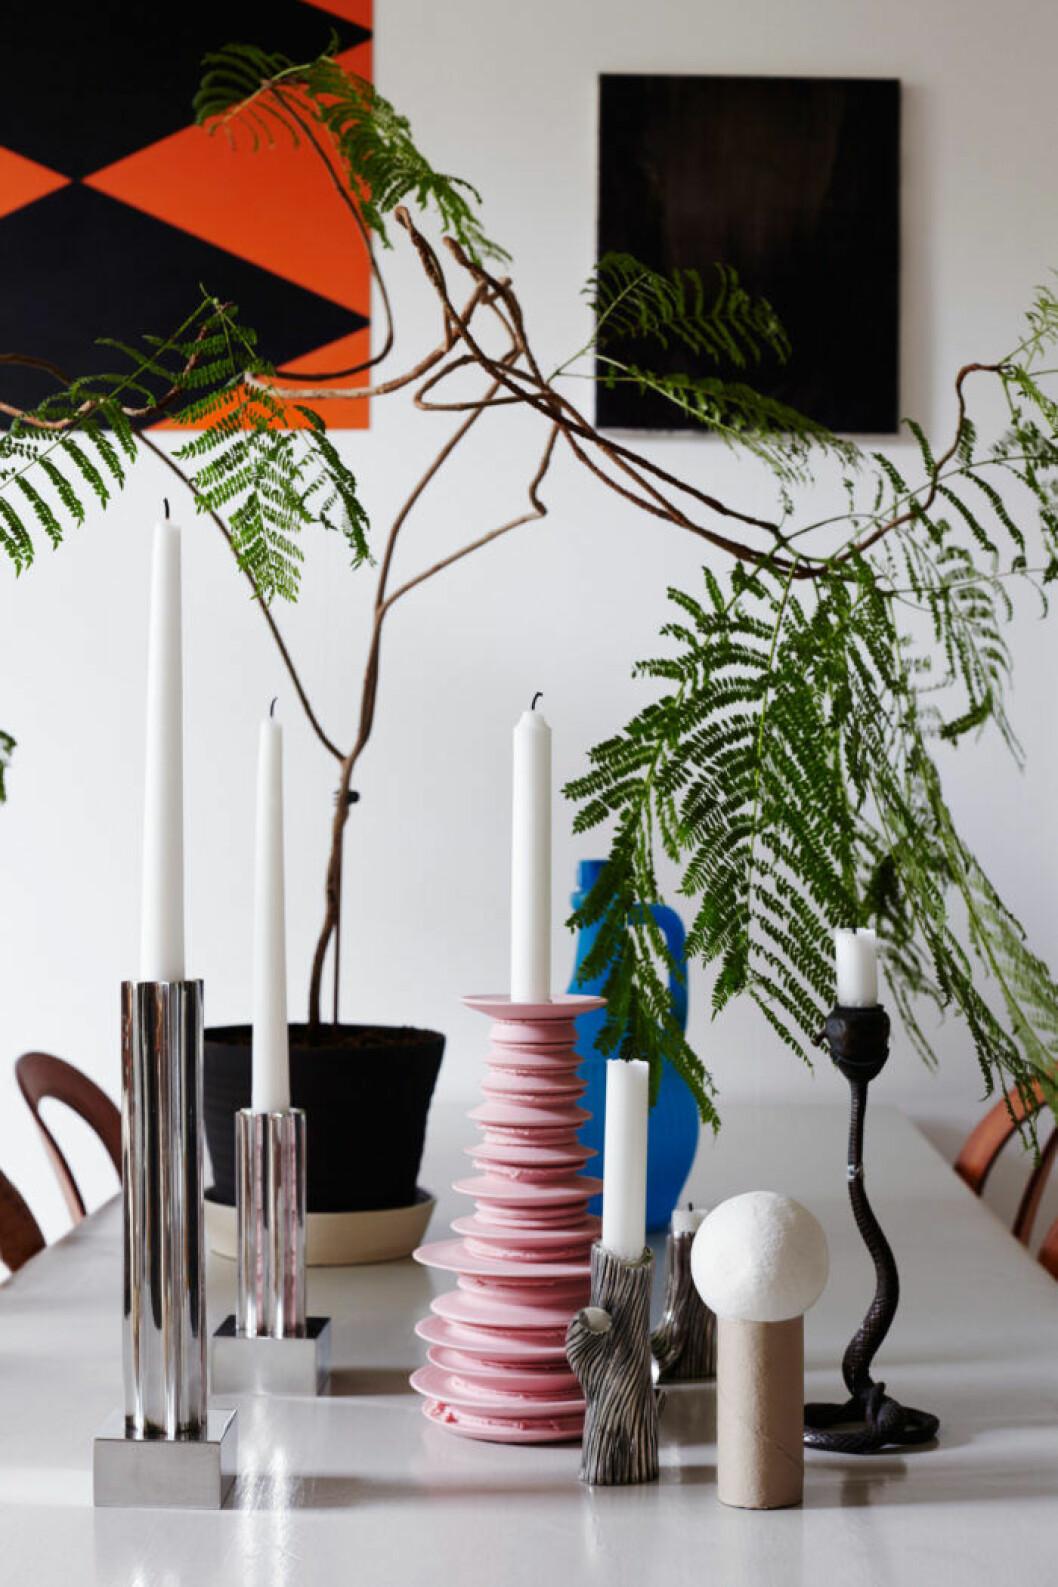 Ljusstakar, färgglada och i keramik, från Svenskt Tenn